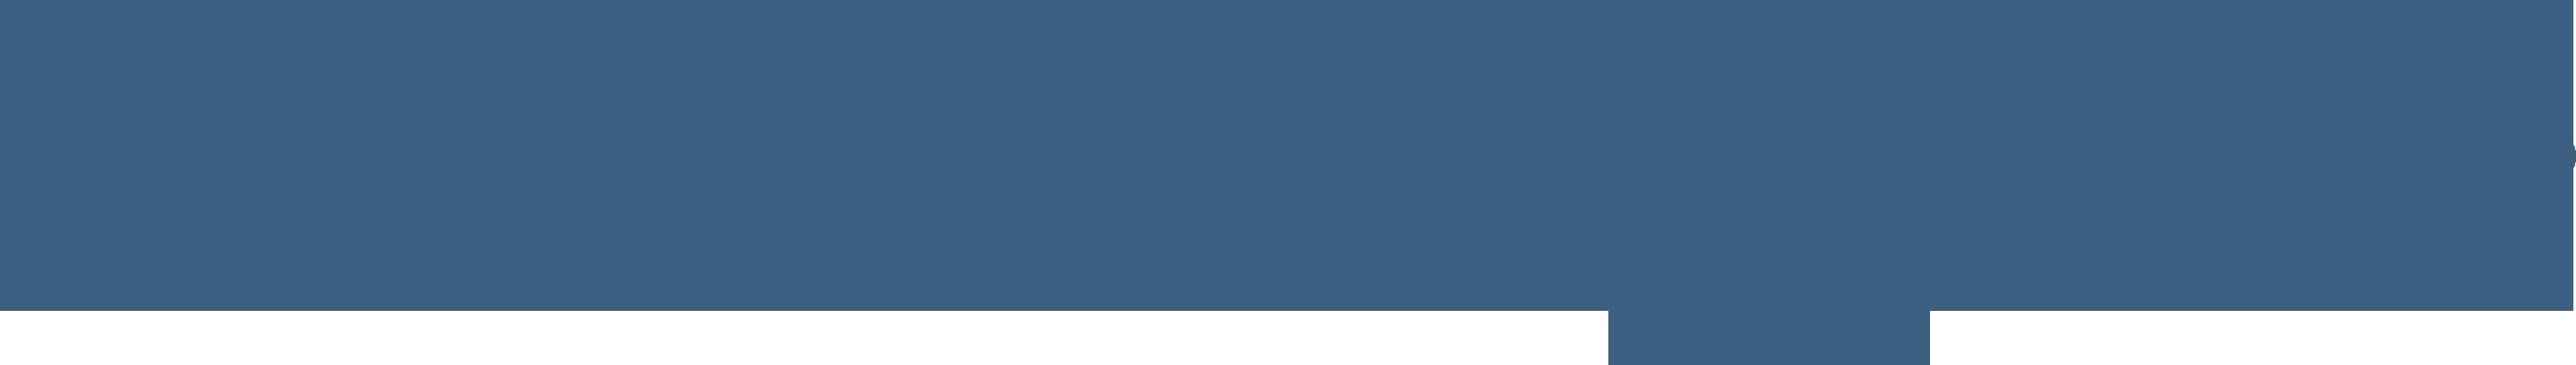 Клиника Di-Центра в Камышине